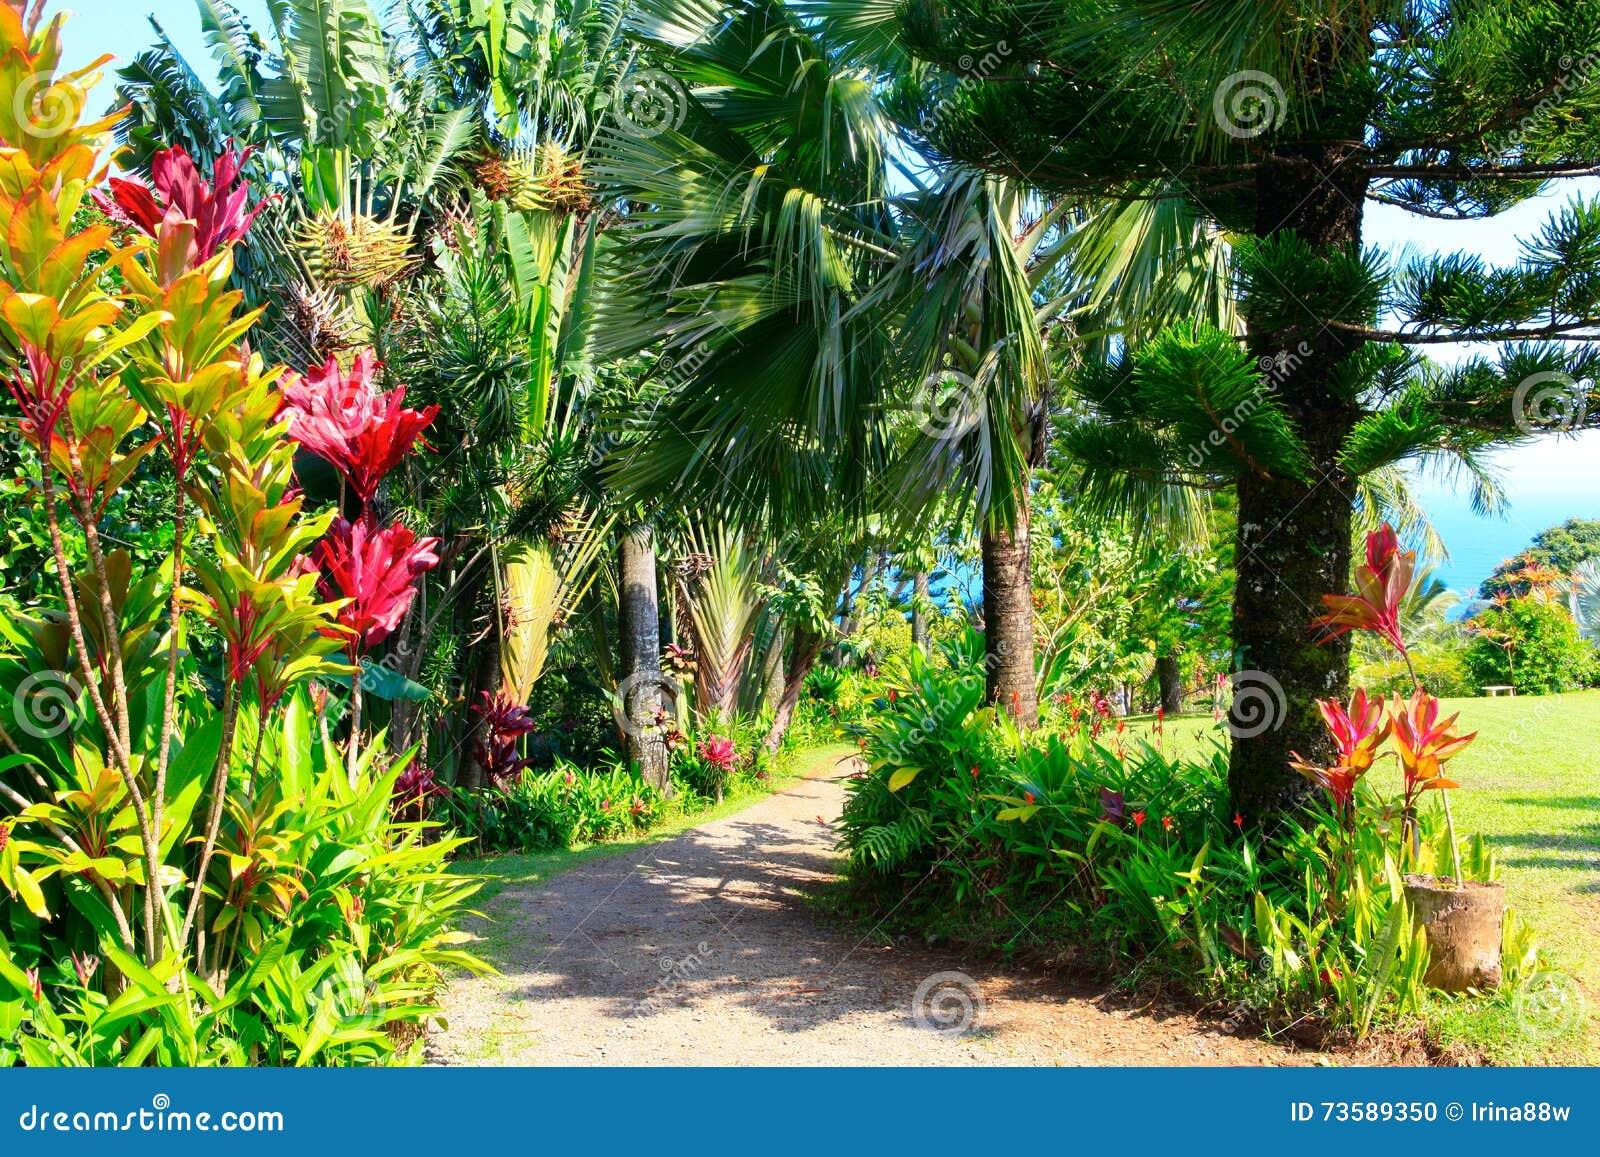 Download A Tropical Garden . Garden Of Eden, Maui Hawaii Stock Photo    Image Of